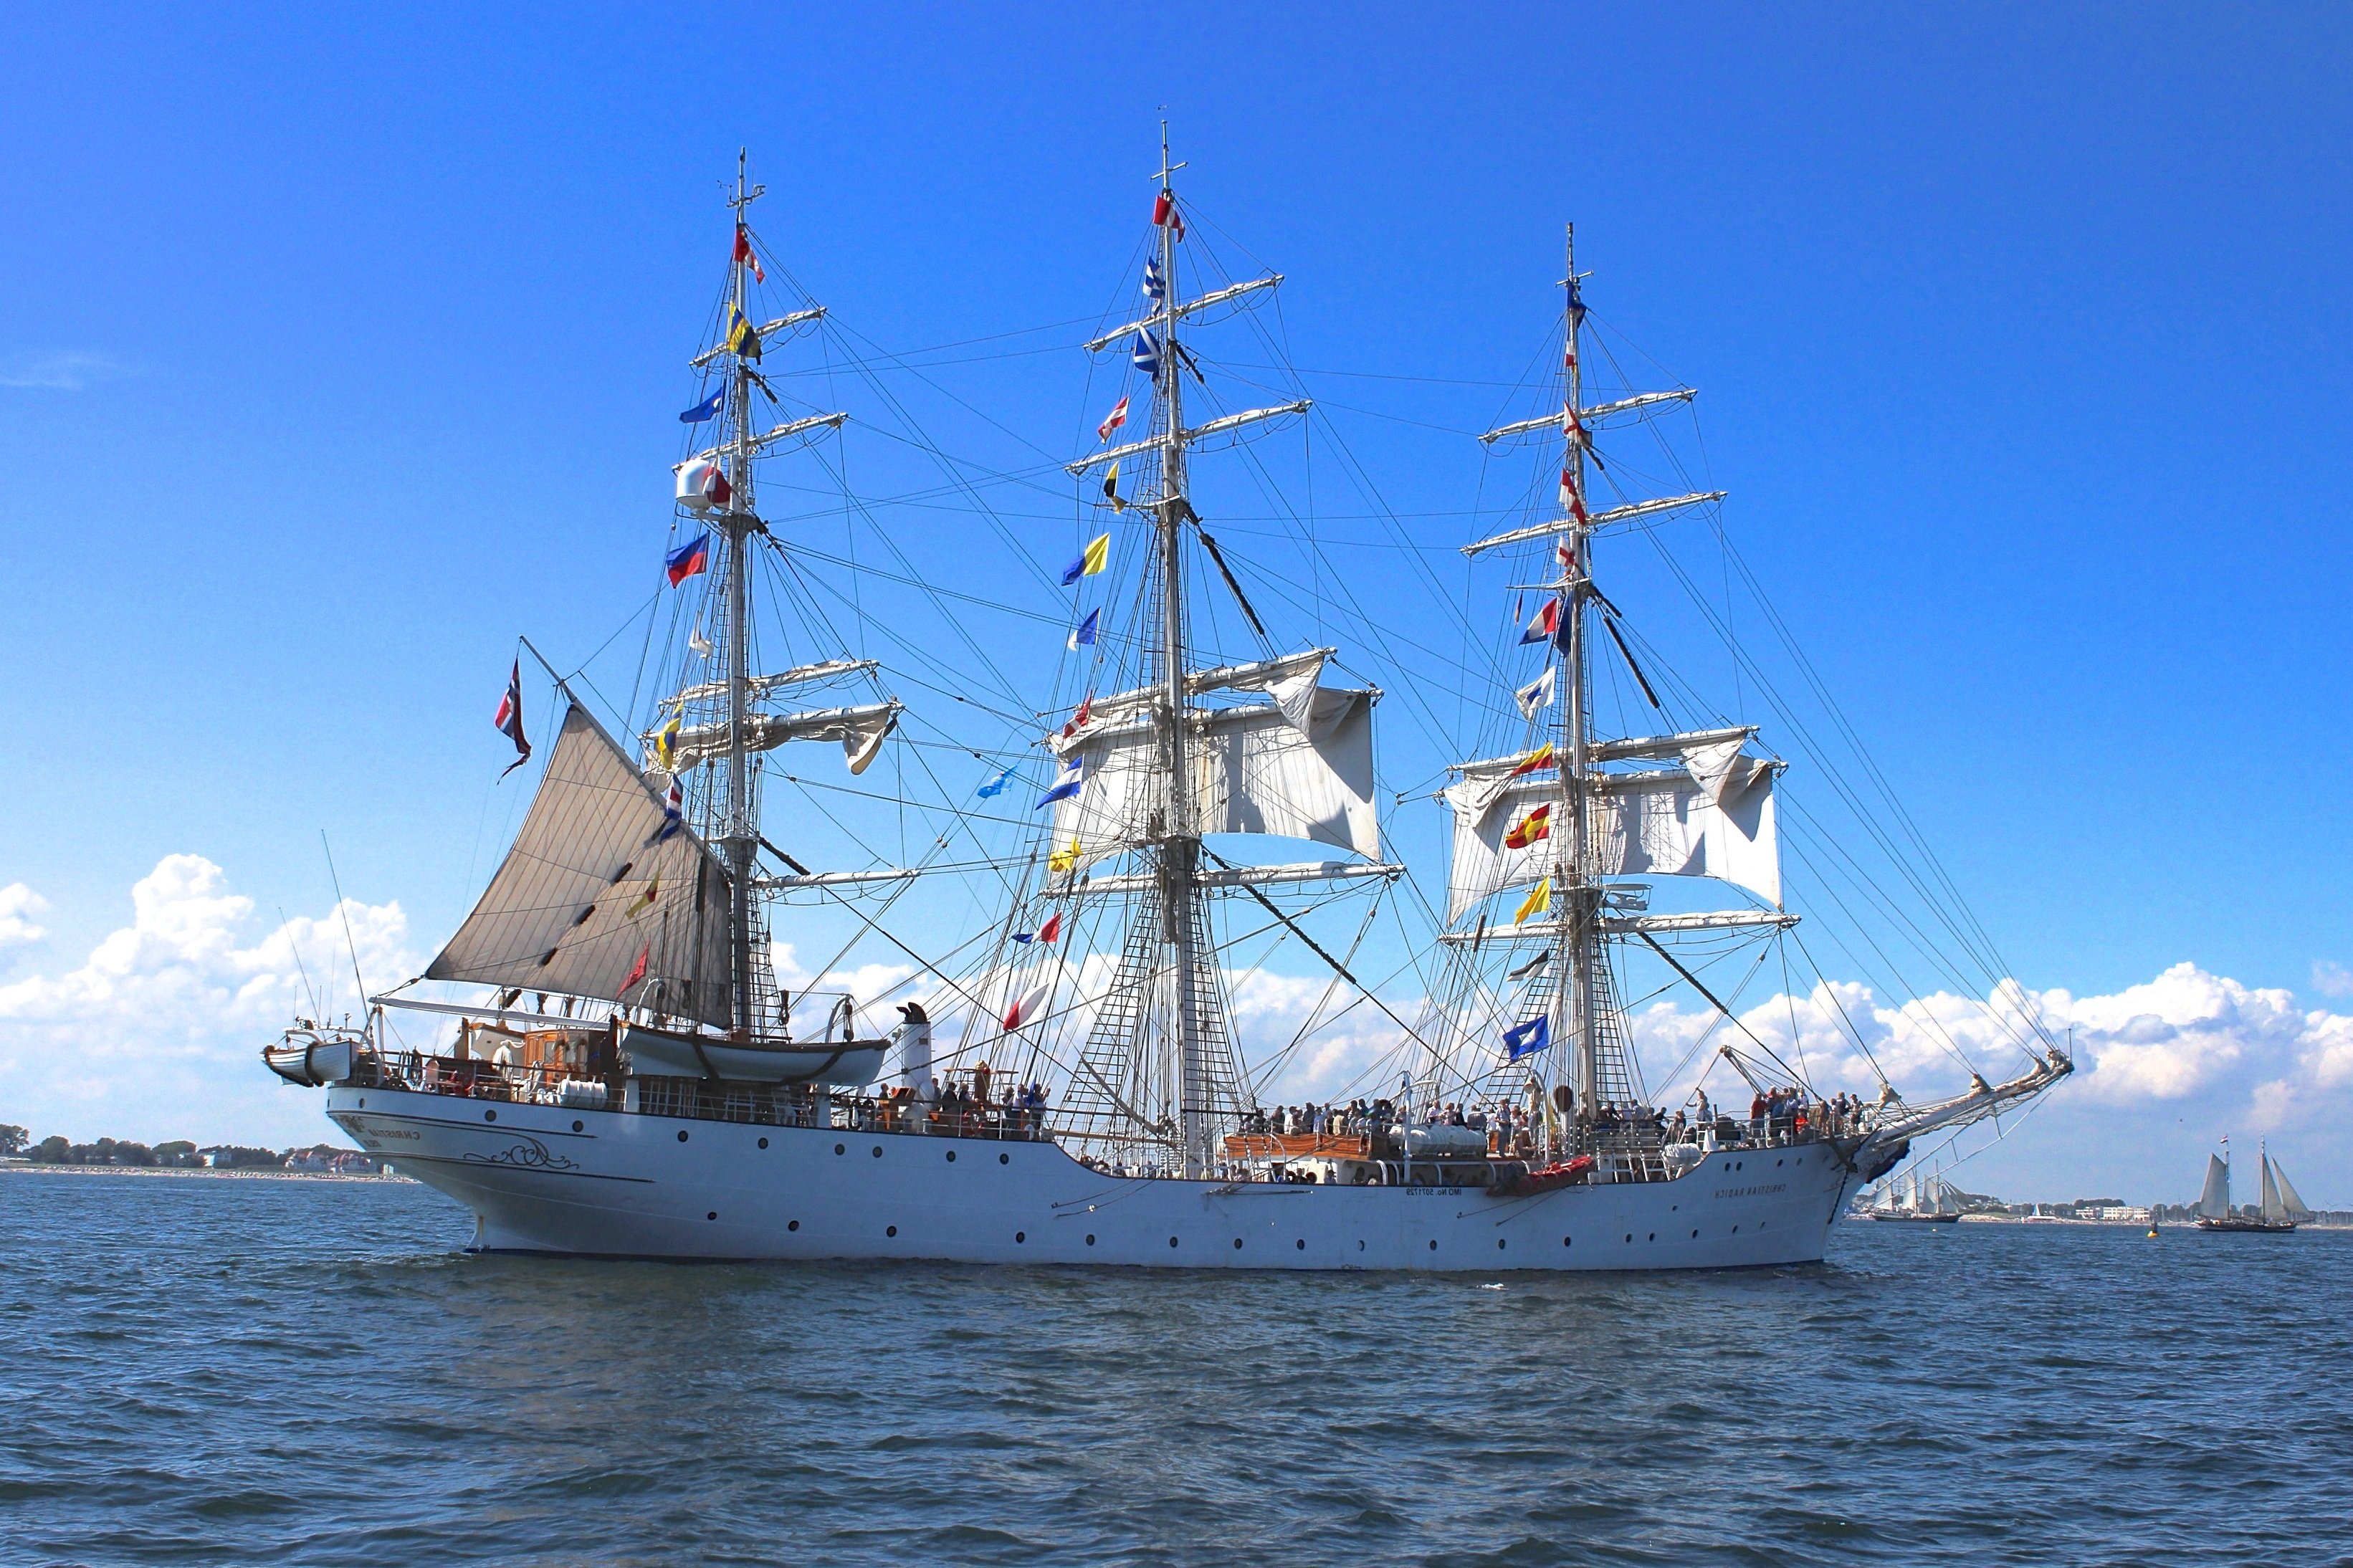 Image libre l embarcation navire bateau voile eau - Voile bateau pirate ...